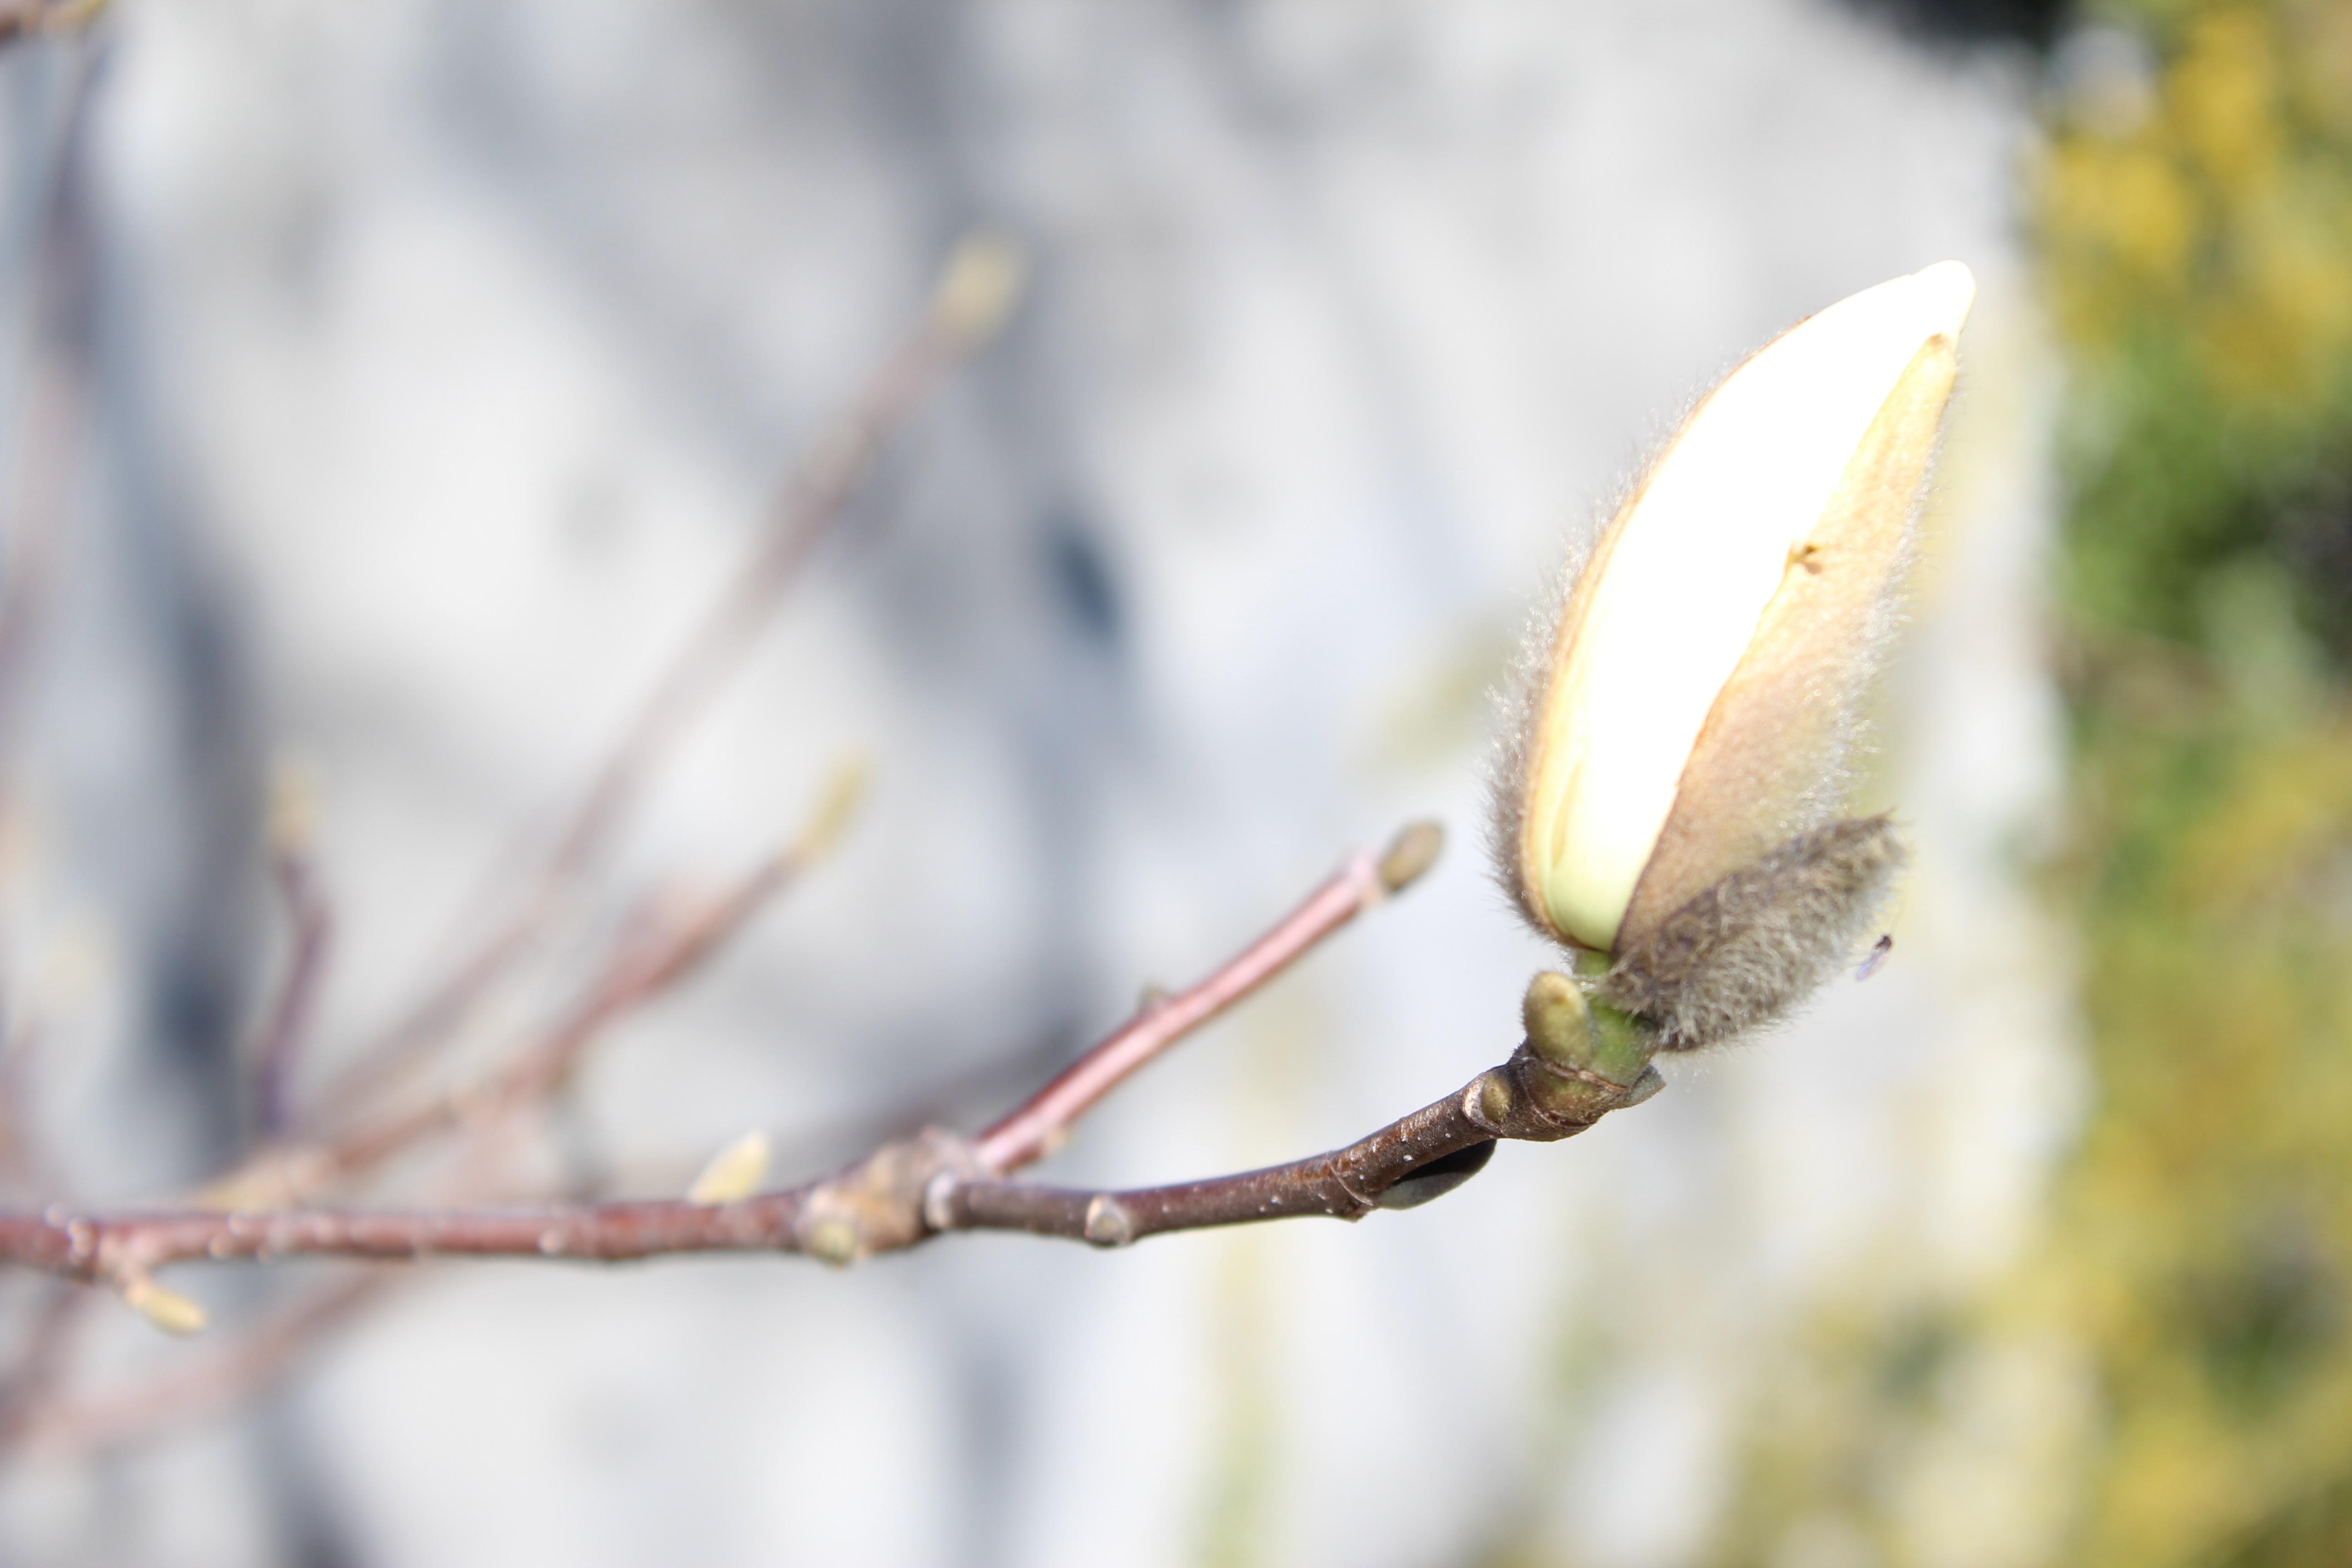 白木蓮(はくもくれん)の花もいよいよ咲き出しそうです。